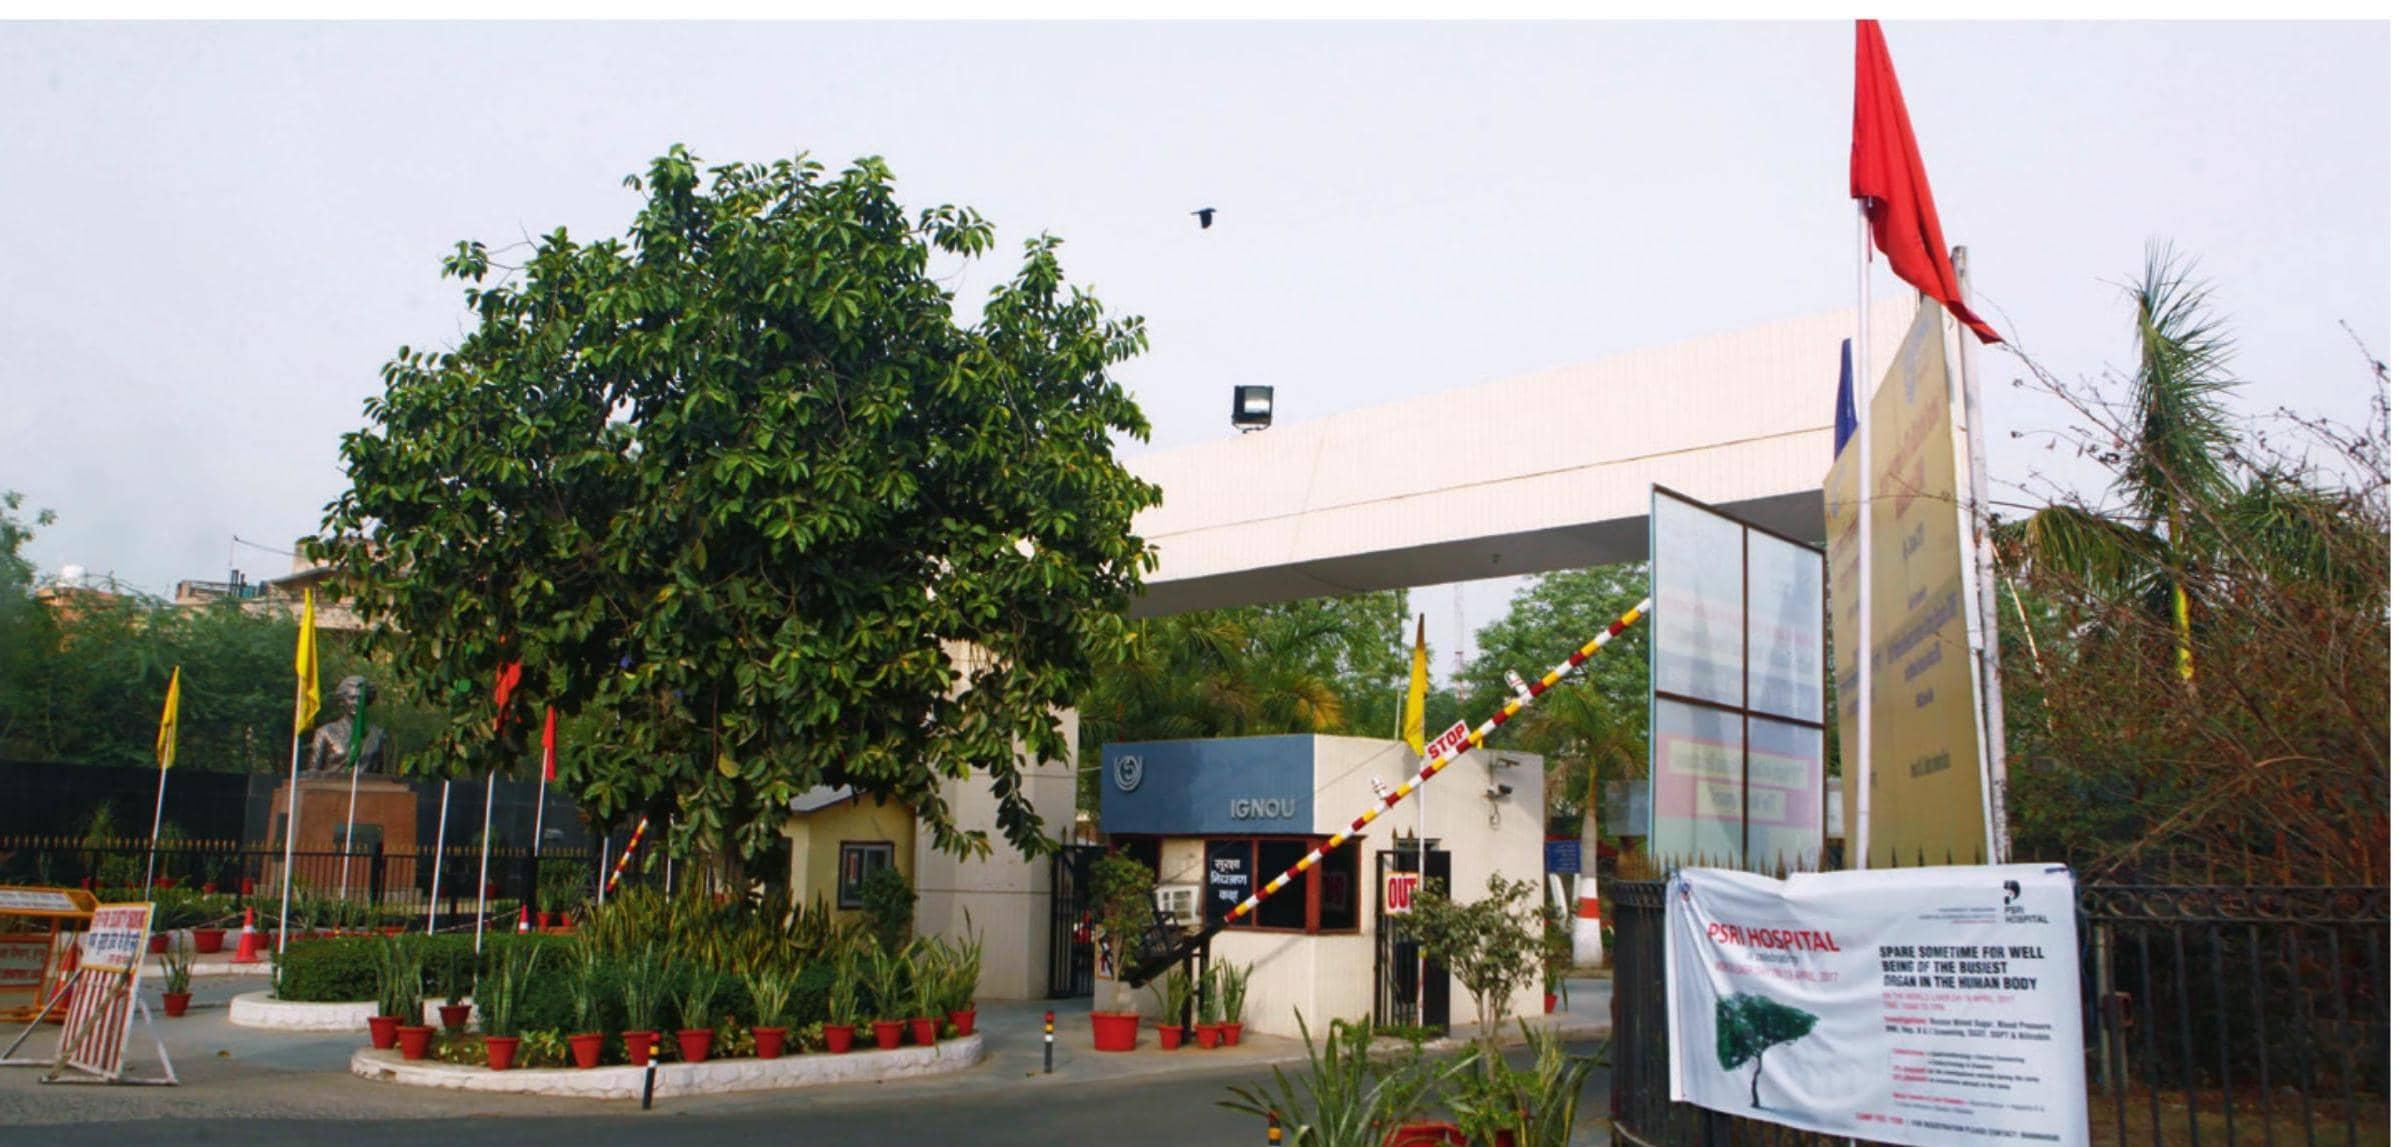 ഓപ്പണായി പഠിക്കാം ഇഗ്നോയിലൂടെ - വിവിധ പ്രോഗ്രാമുകൾക്ക് ഓഗസ്റ്റ് 16 വരെ അപേക്ഷിക്കാം